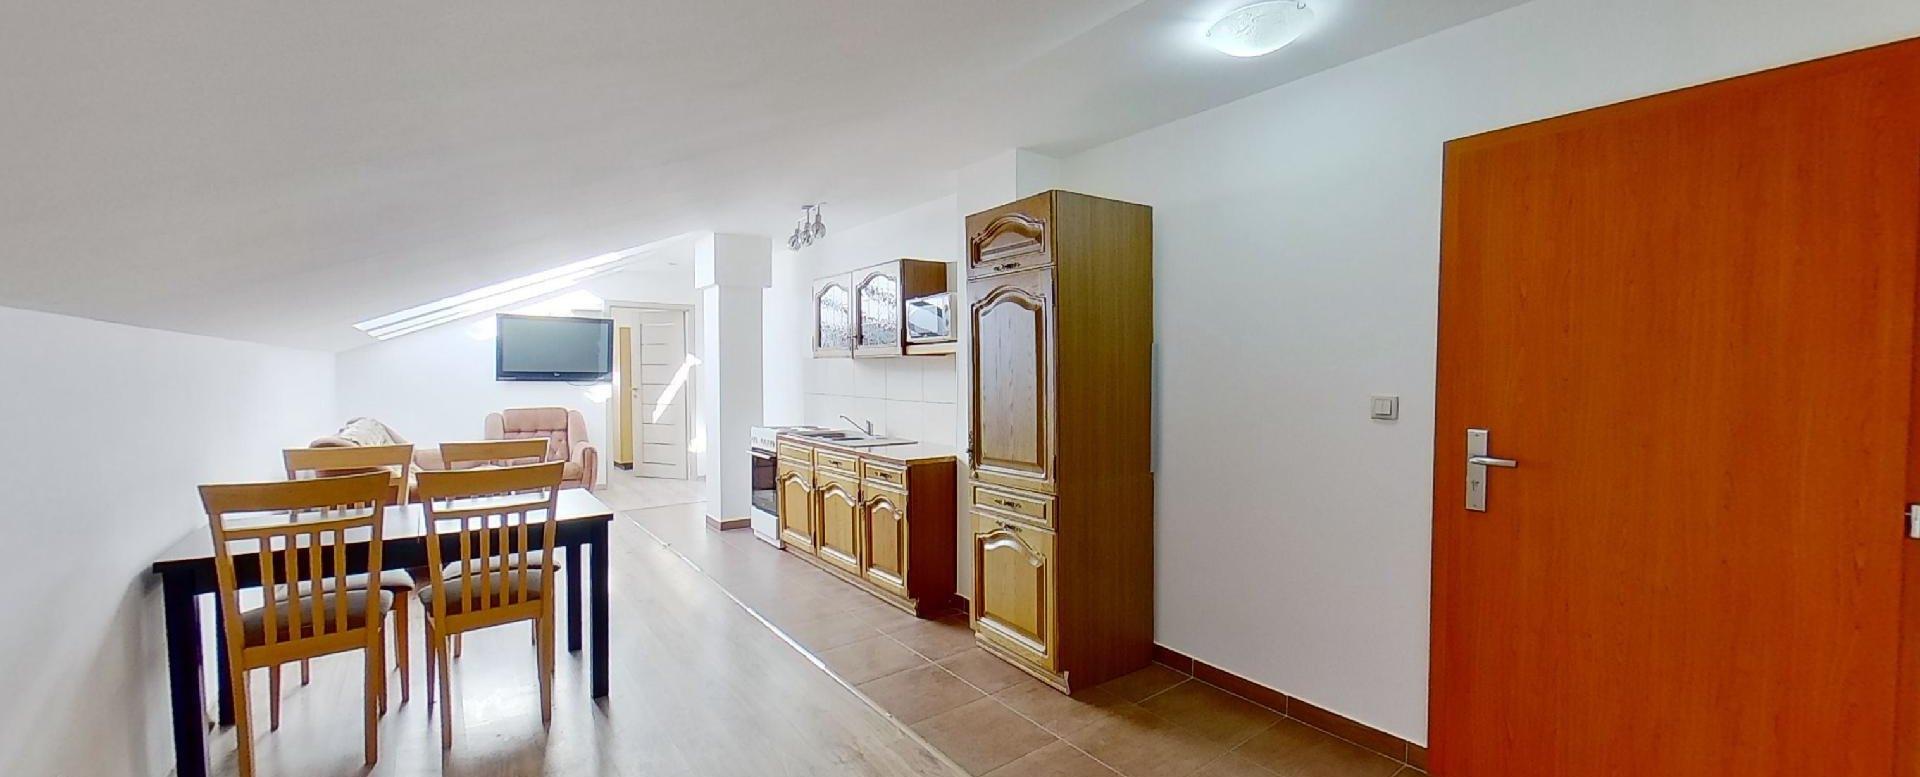 pohľad do obývacej izby s jedálňou a kuchynským kútom